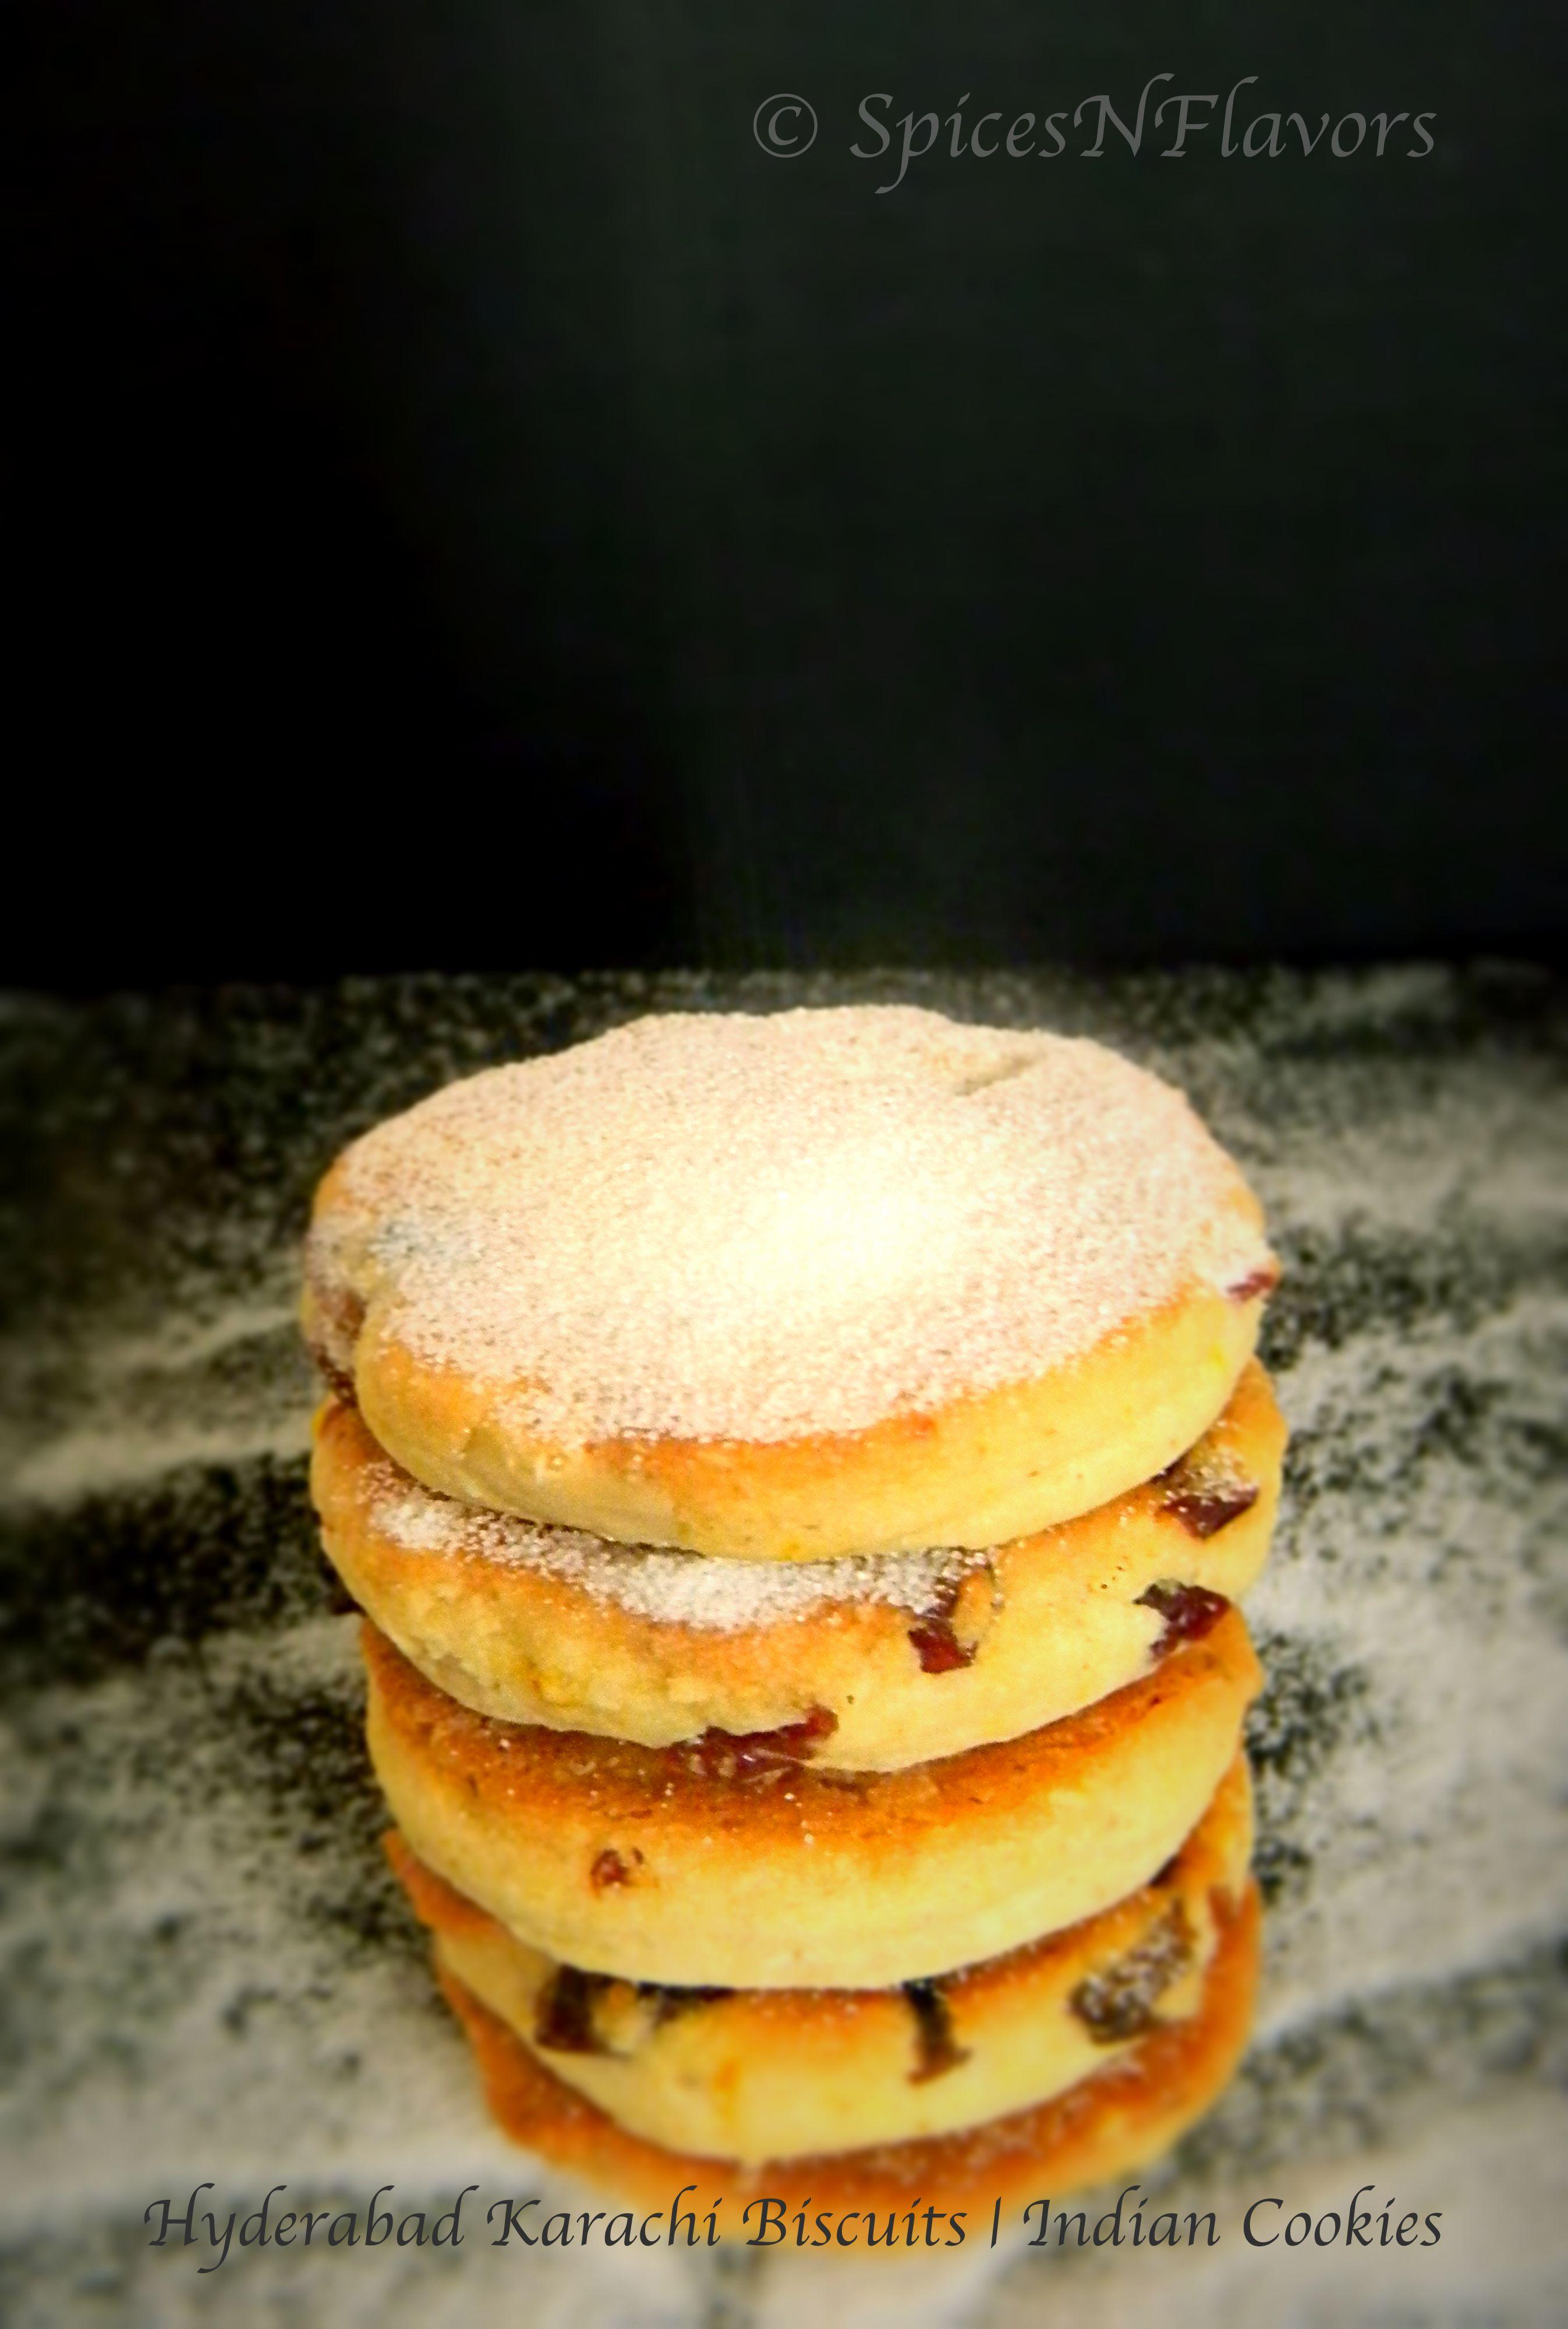 Eggless Hyderabad Karachi Biscuits Indian Cookies